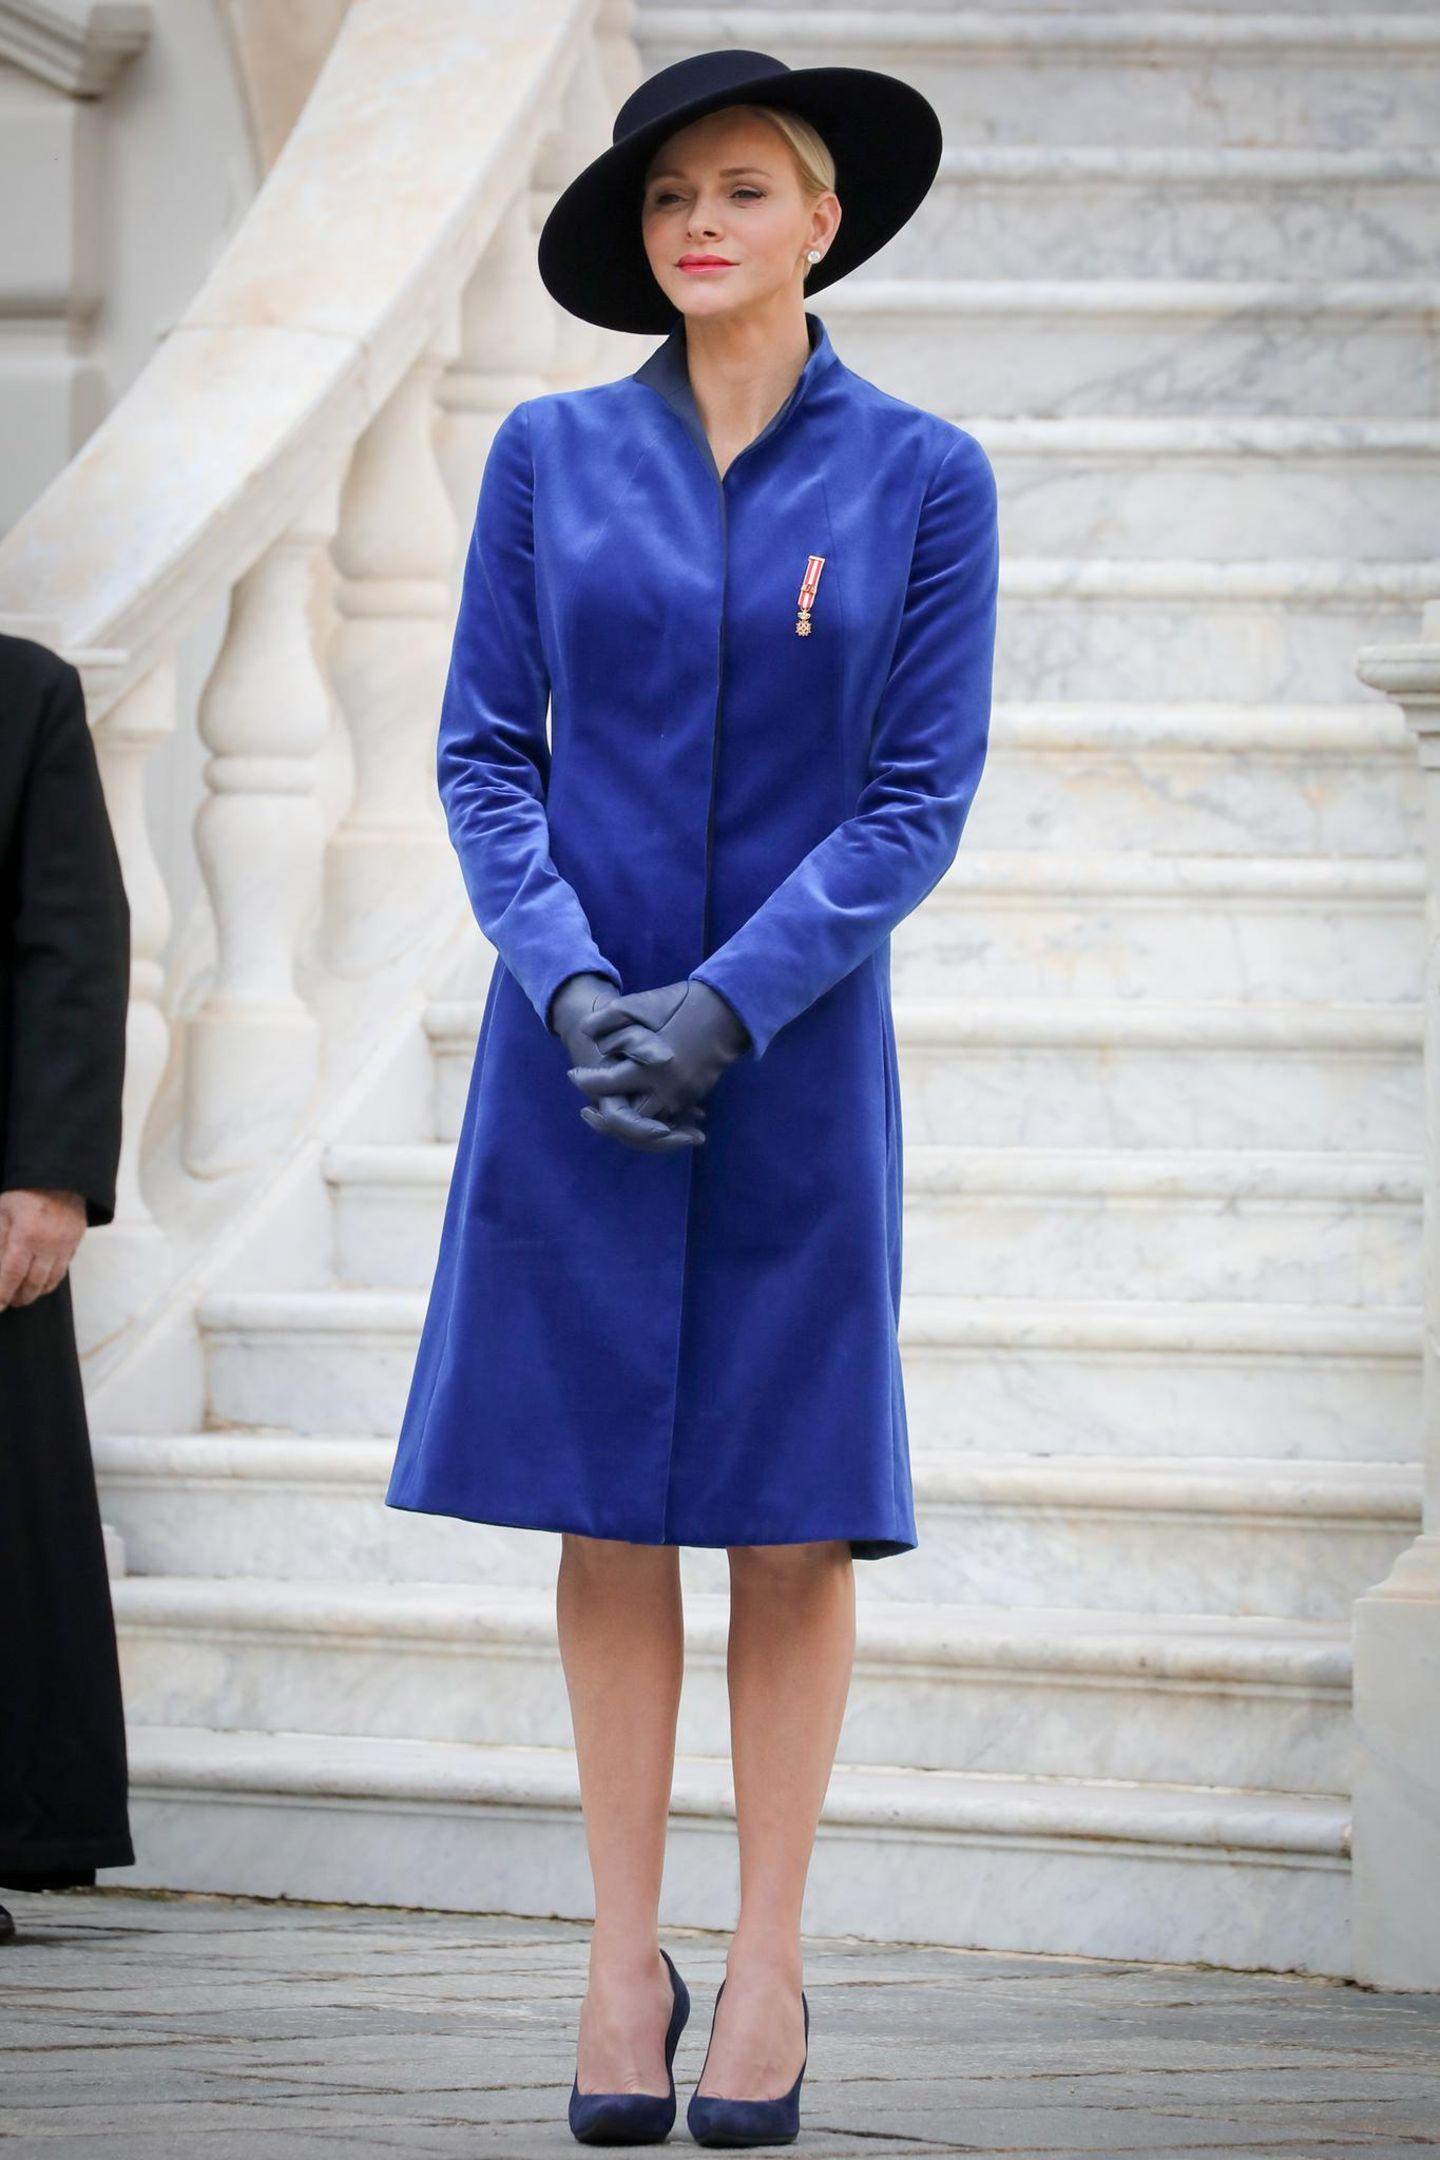 Am Nationalfeiertag Monacos sticht Fürstin Charlène vor den weißen Marmorstufen des Palastes in ihrem blauen Mantel von Akris wundervoll hervor. Der samtige Stoff wirkt dabei besonders royal.